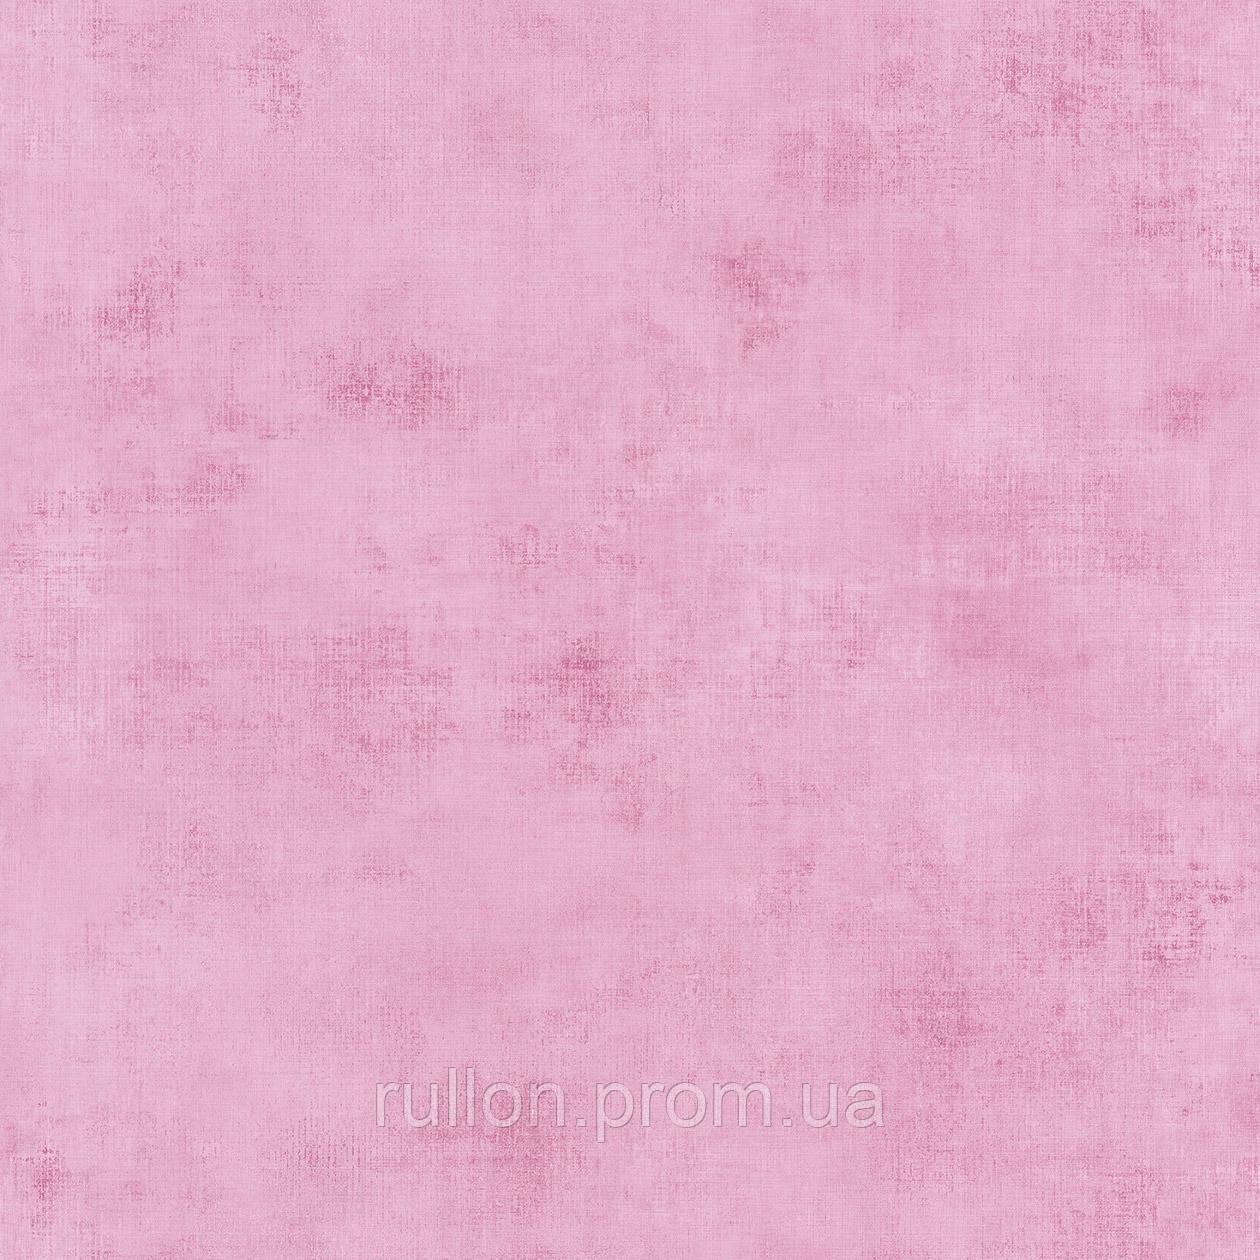 Обои Caselio TELAS 69875050 (Флизелиновые, розовые)